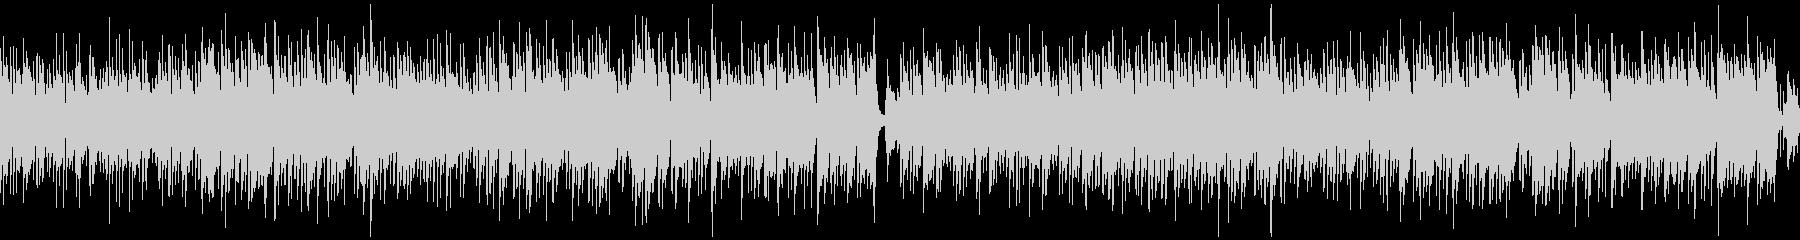 ループ/ギター生演奏の爽やかボサノバの未再生の波形